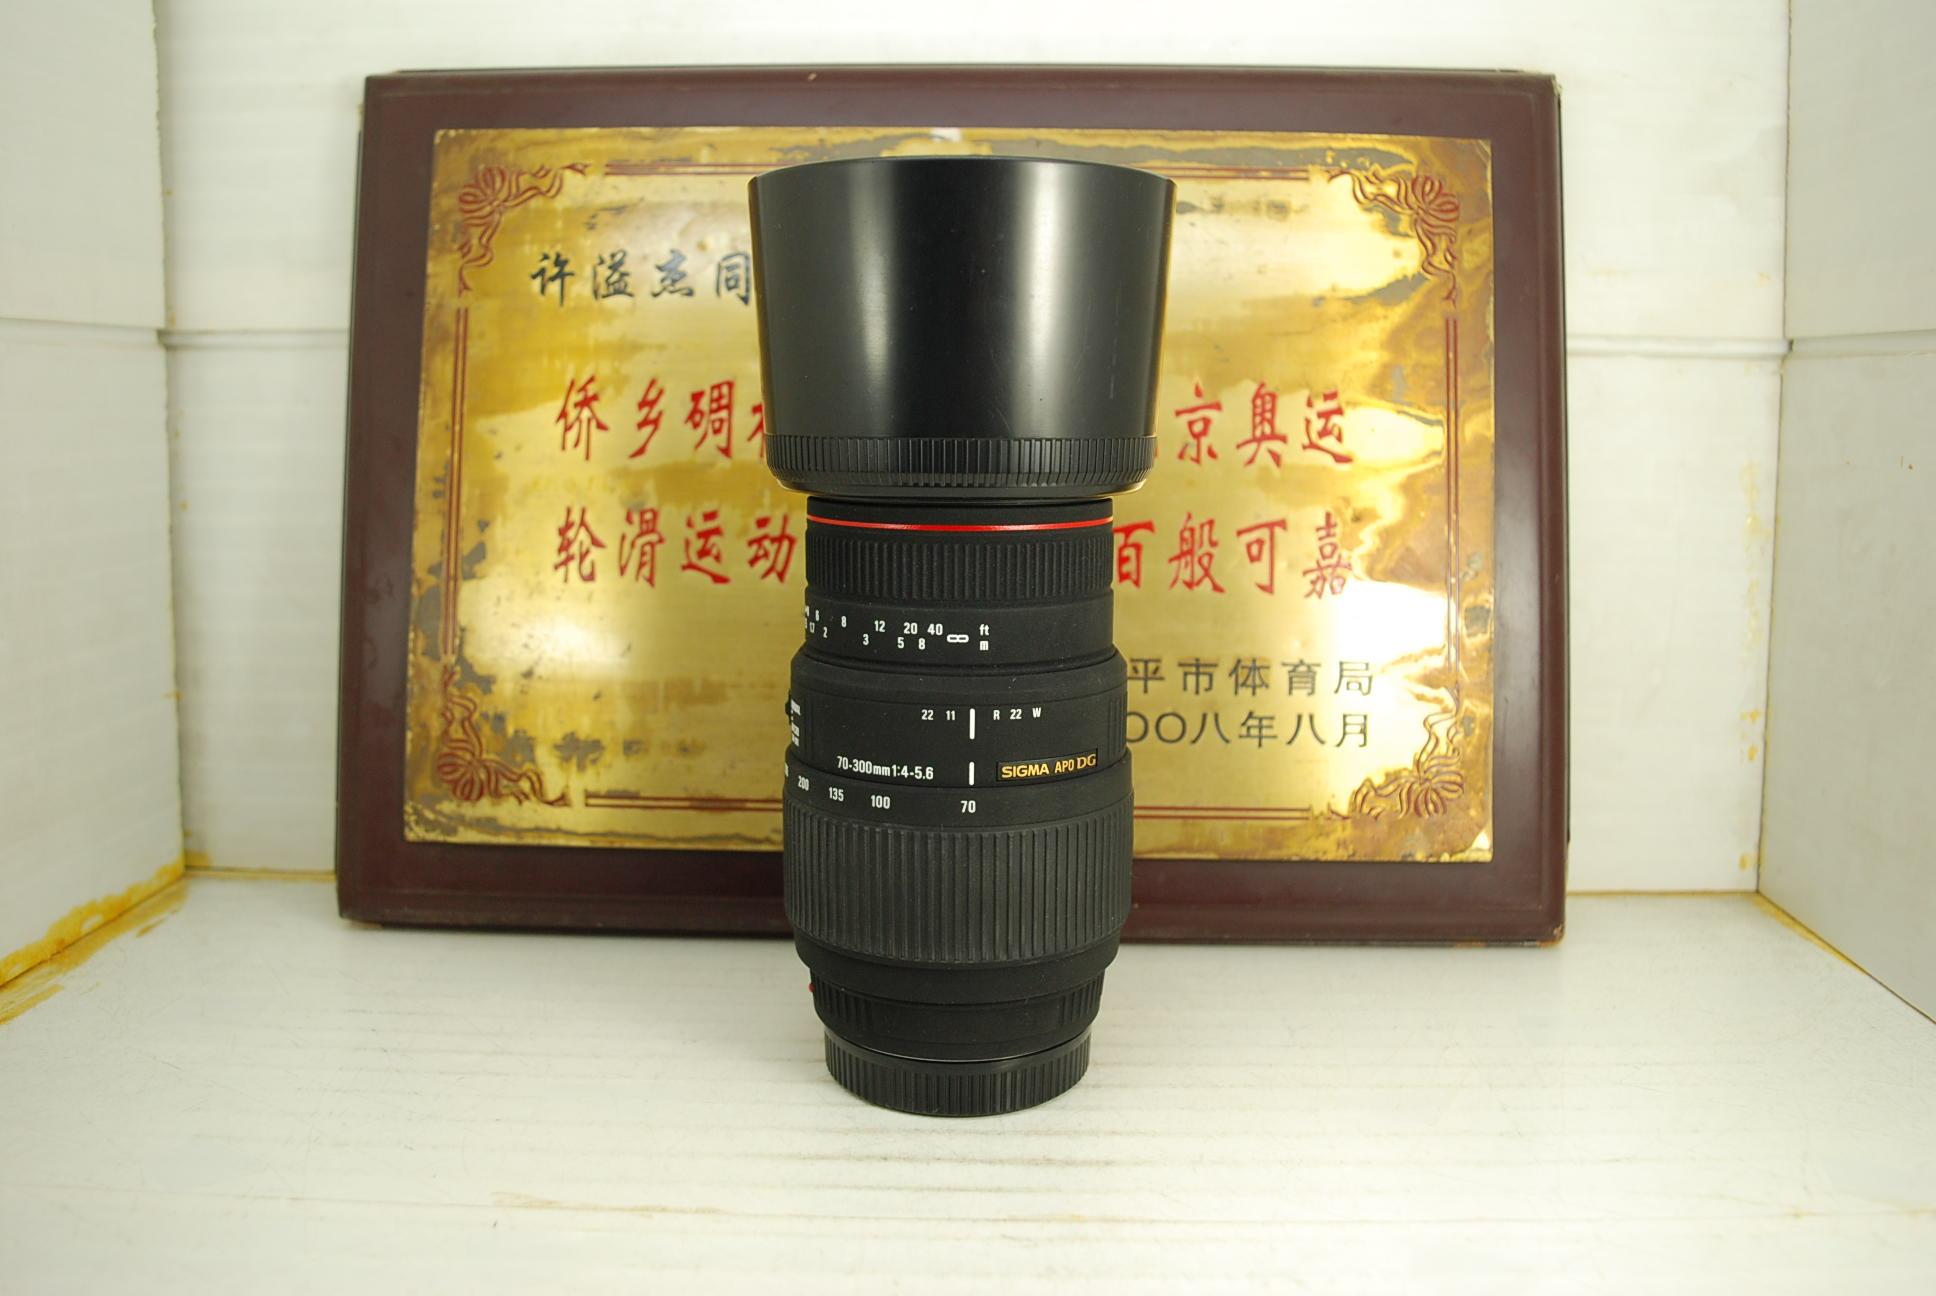 97新索尼单反a口 适马 70-300 F4-5.6 Macro APO DG 镜头长焦远摄